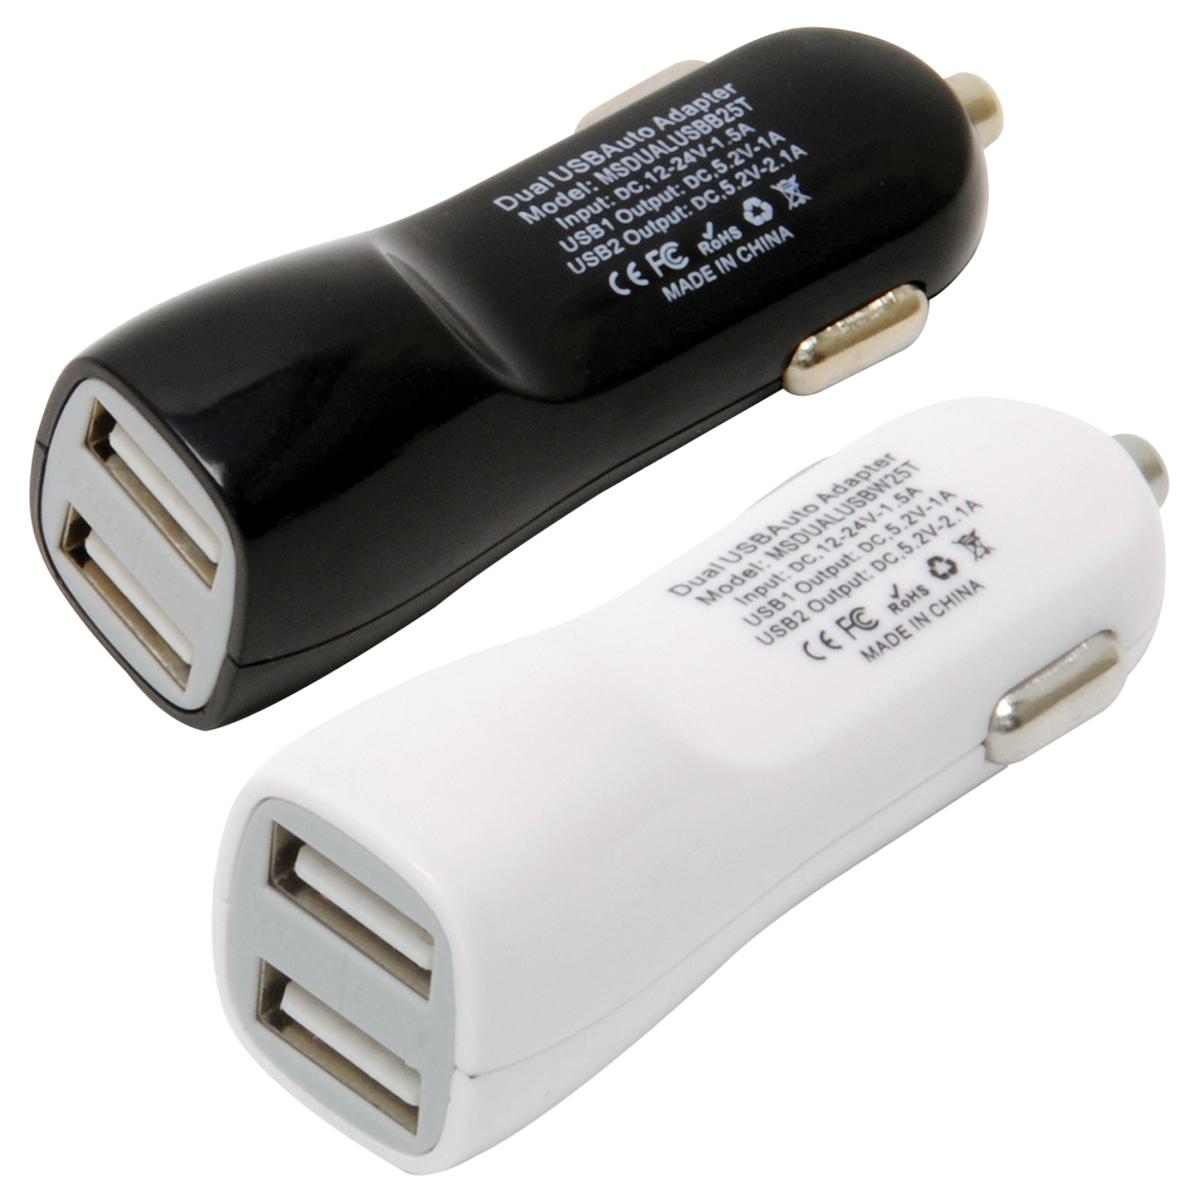 MOBILESPEC DC USB DUAL BLK/WH